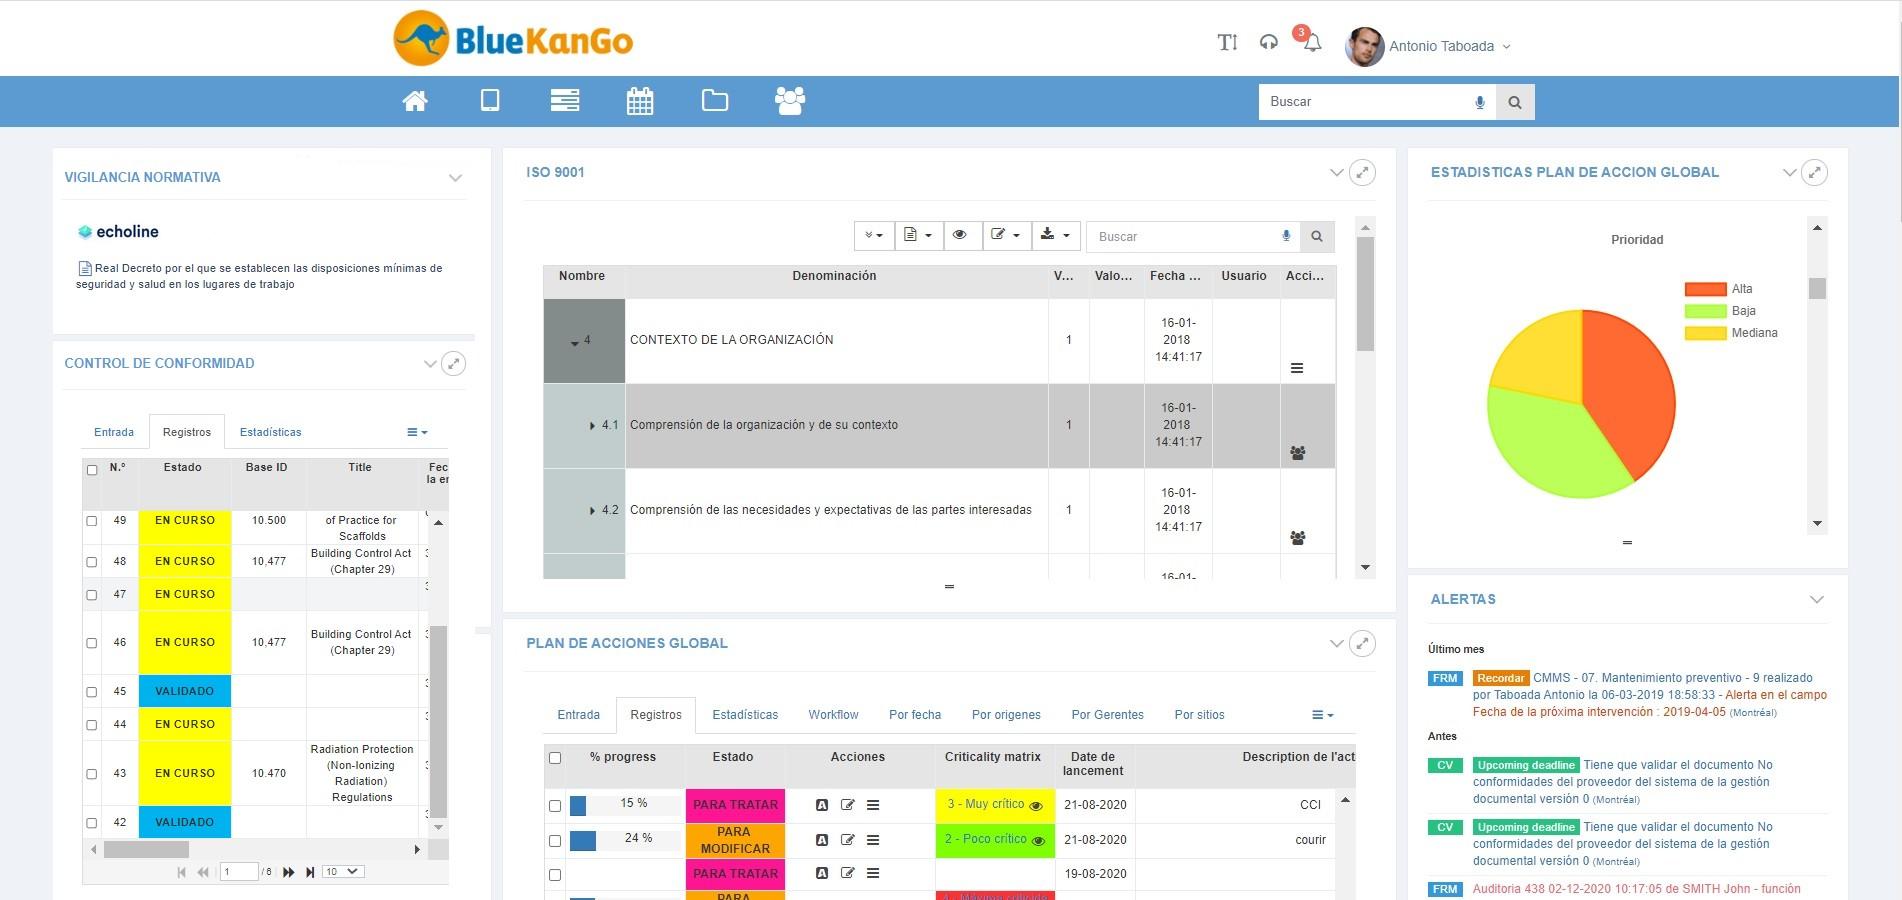 La certificación ISO 9001 de la plataforma BlueKanGo